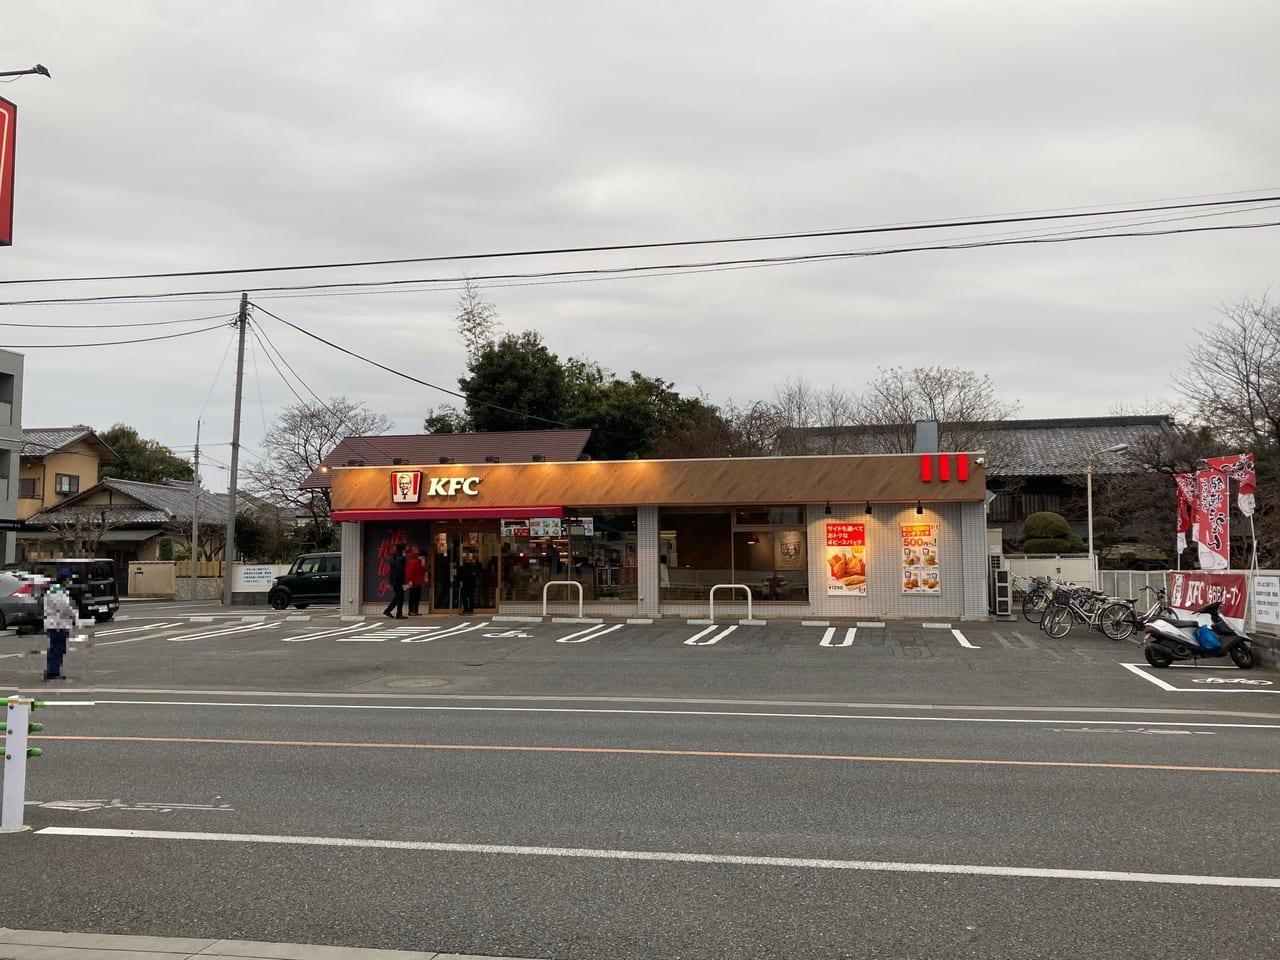 五日市街道沿いに『ケンタッキー五日市街道北町店』が1月6日オープンしていました!